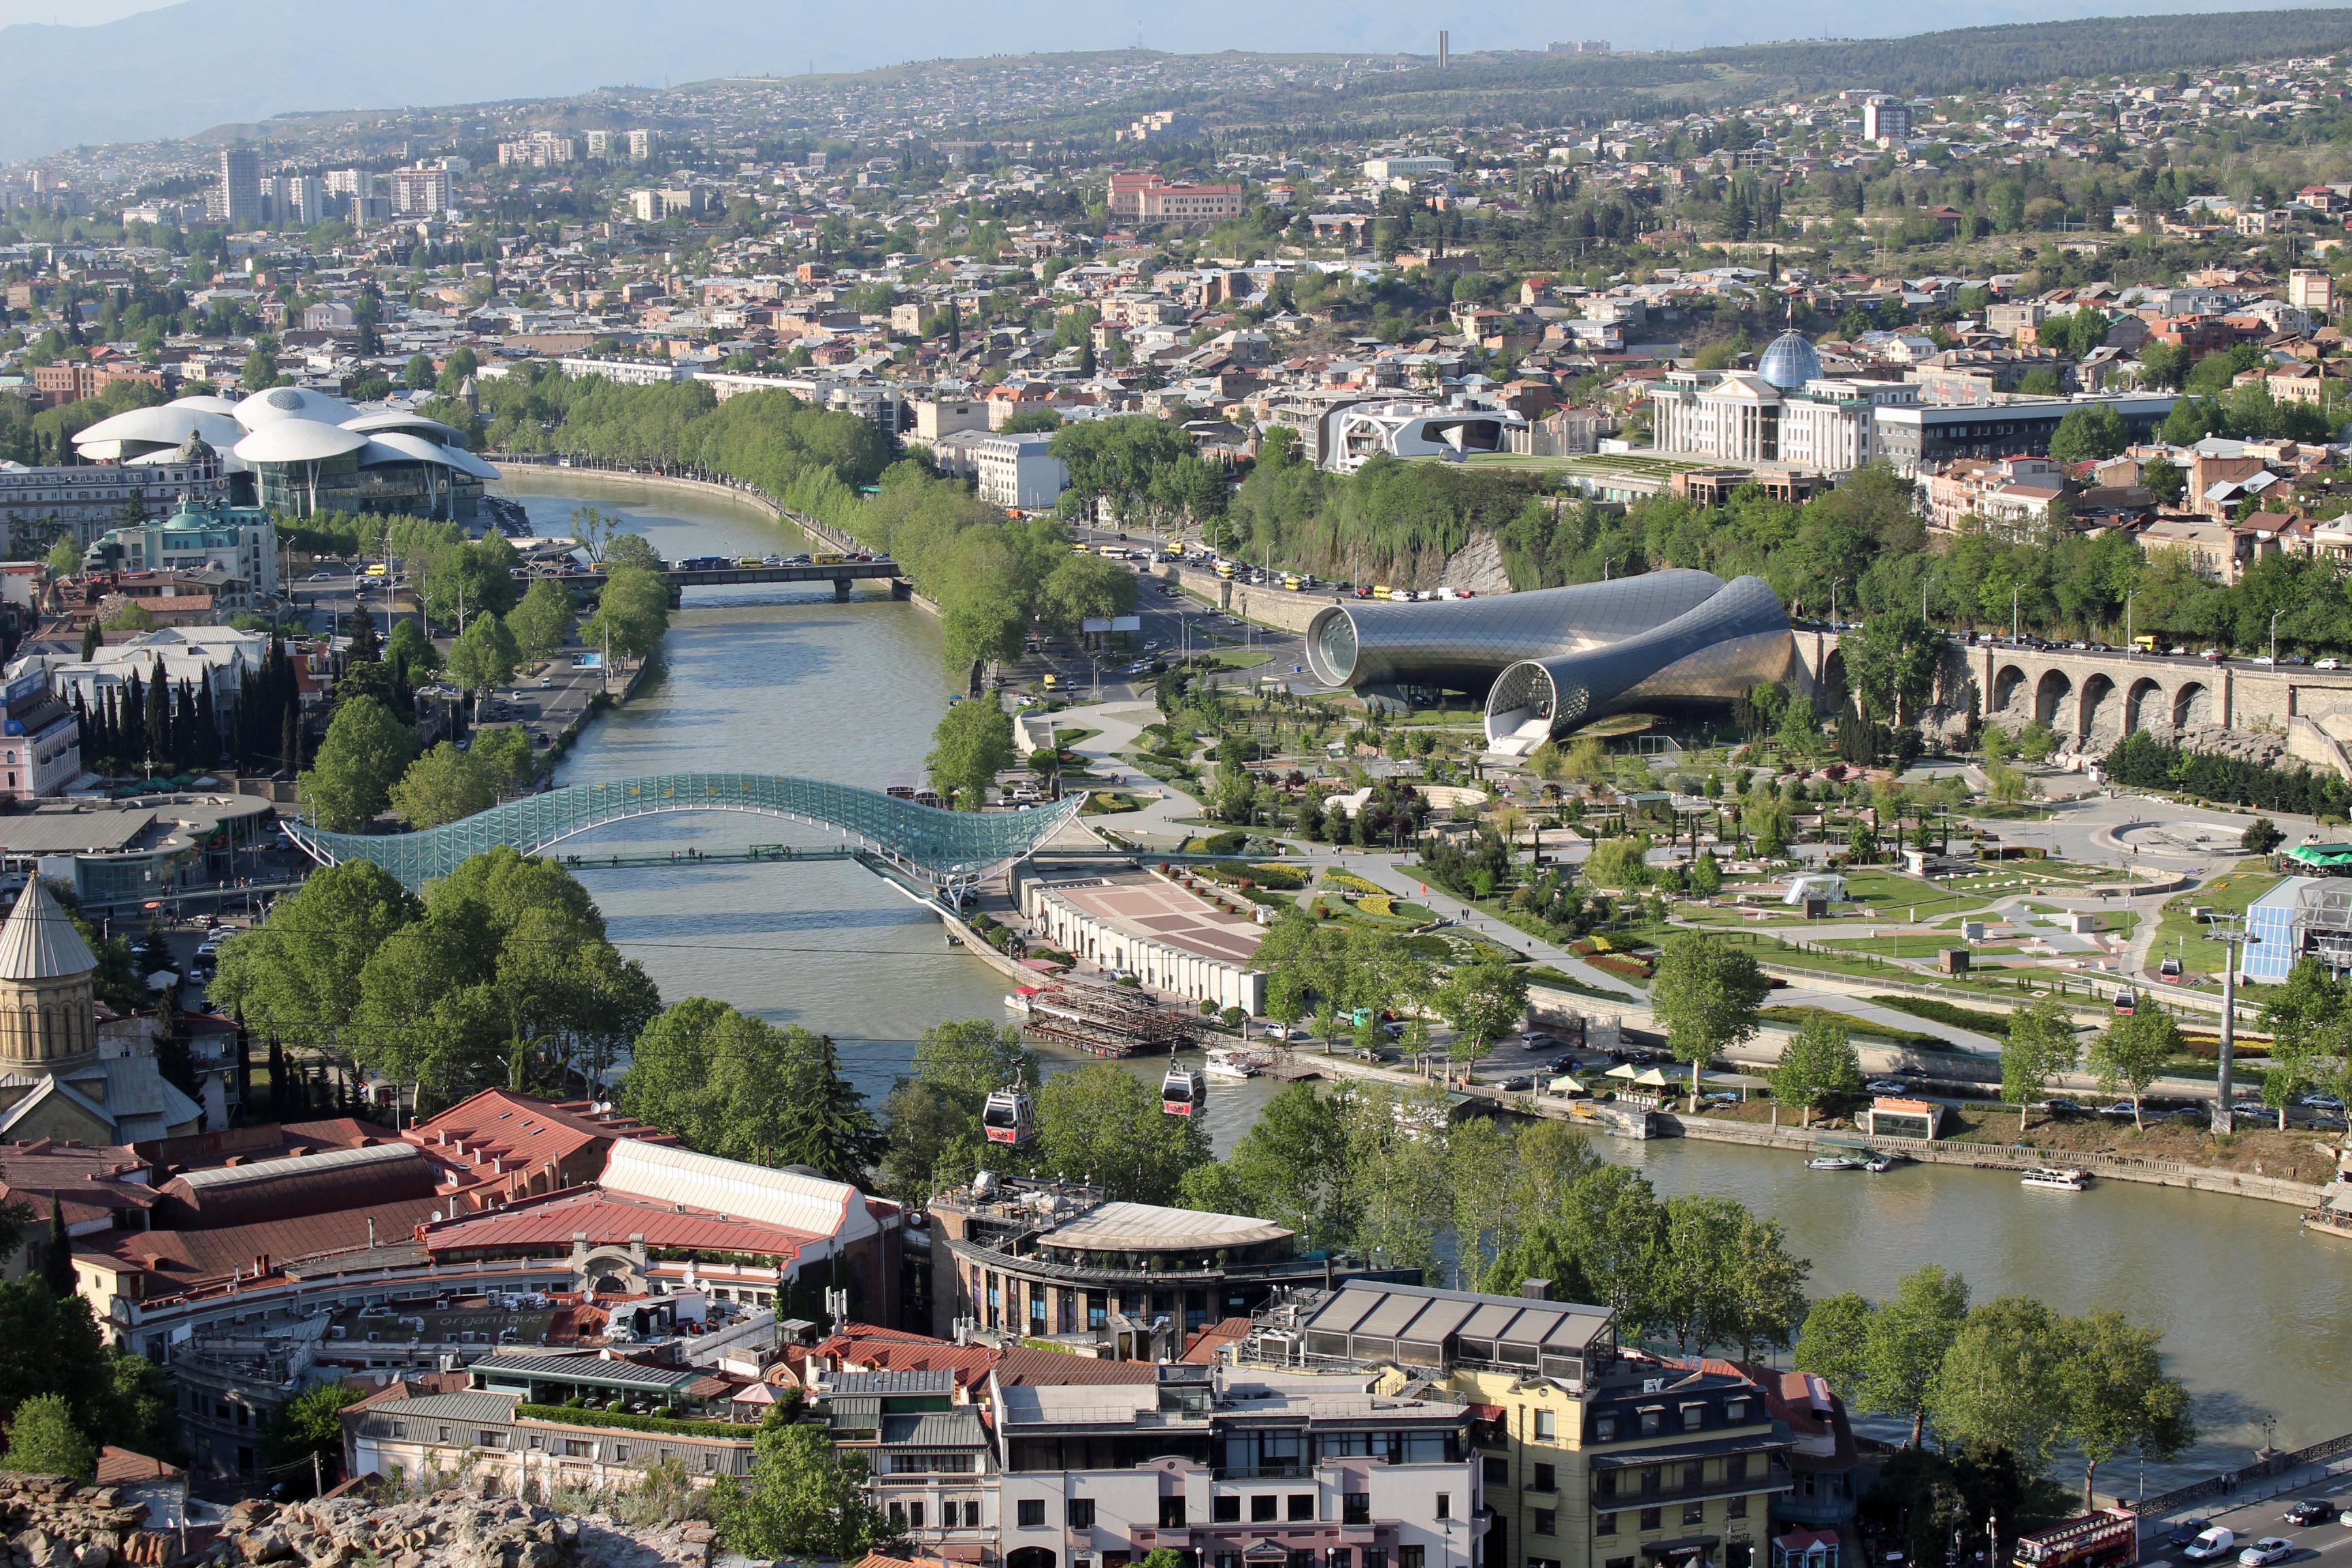 Architektur- und Kulturreise nachTiflis, Georgien